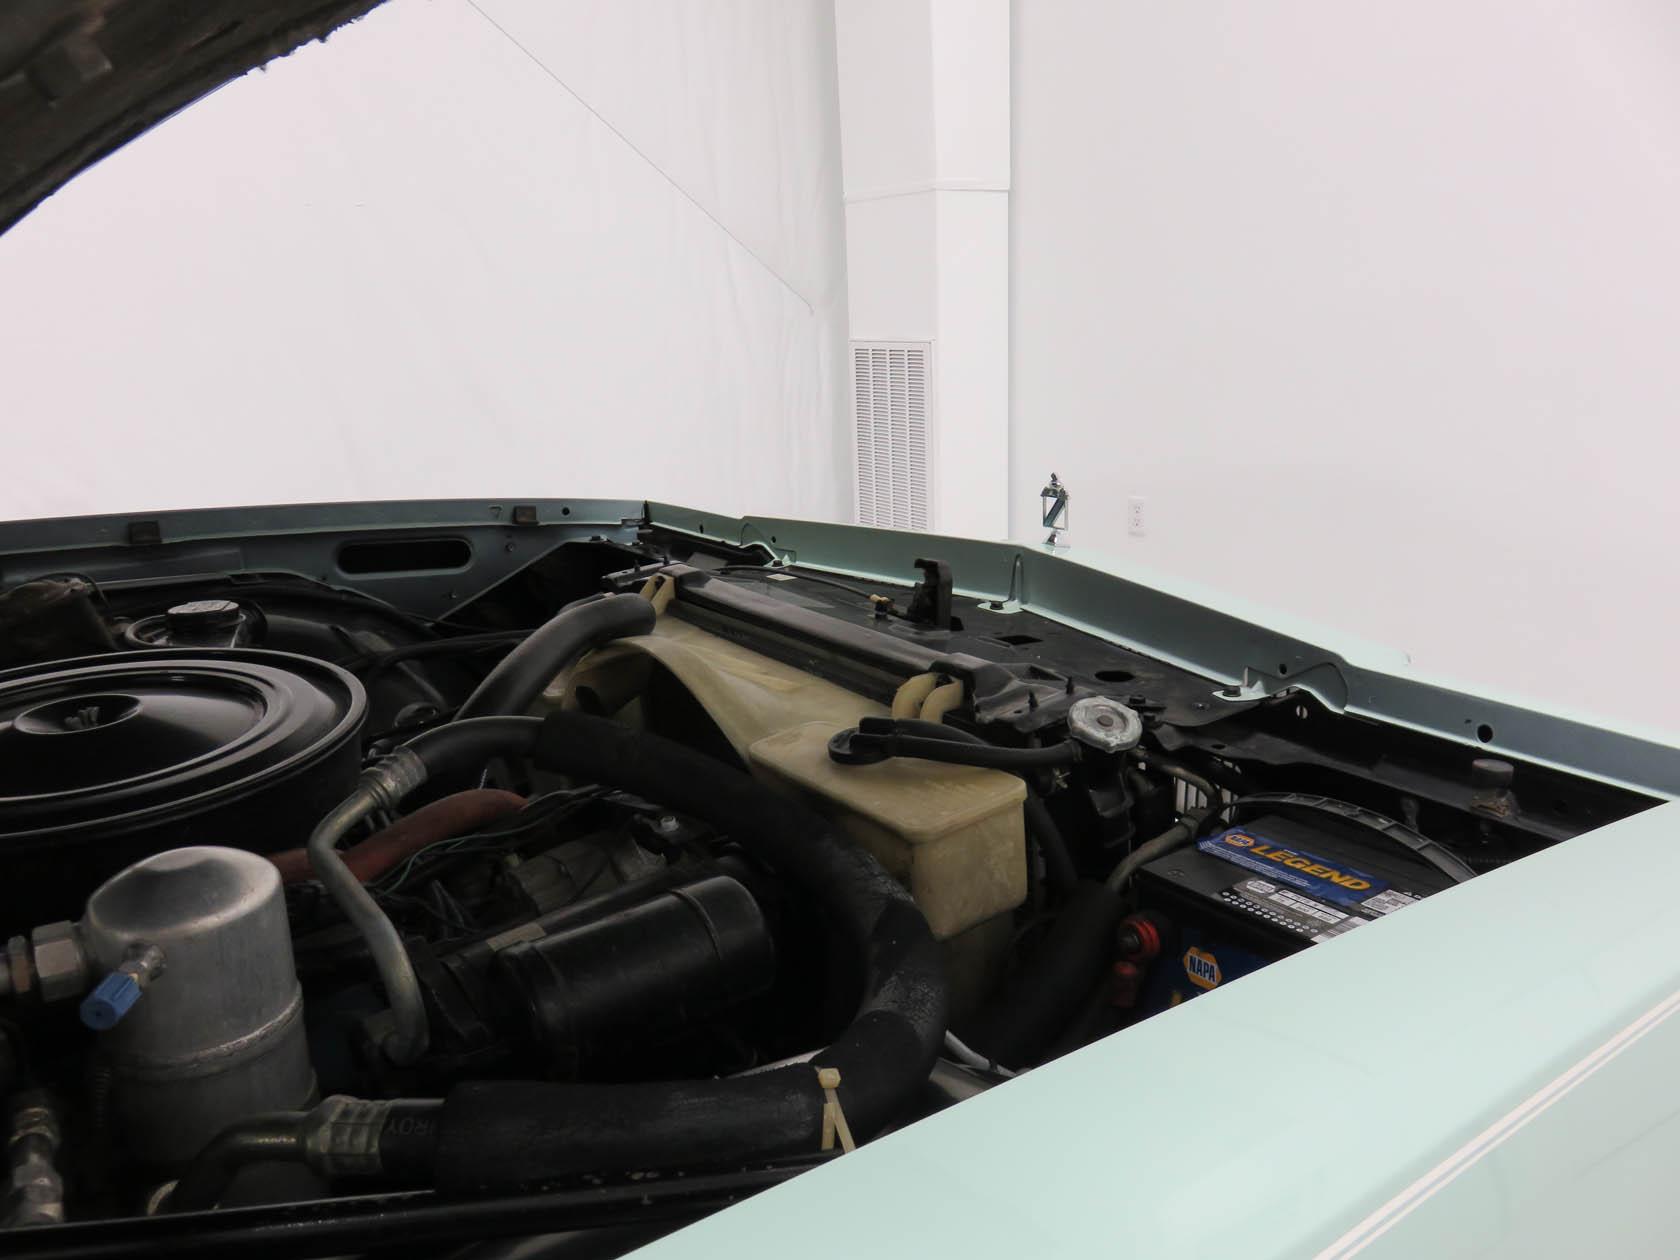 Michael Esposito - 1974 Oldsmobile Cutlasss Supreme 394